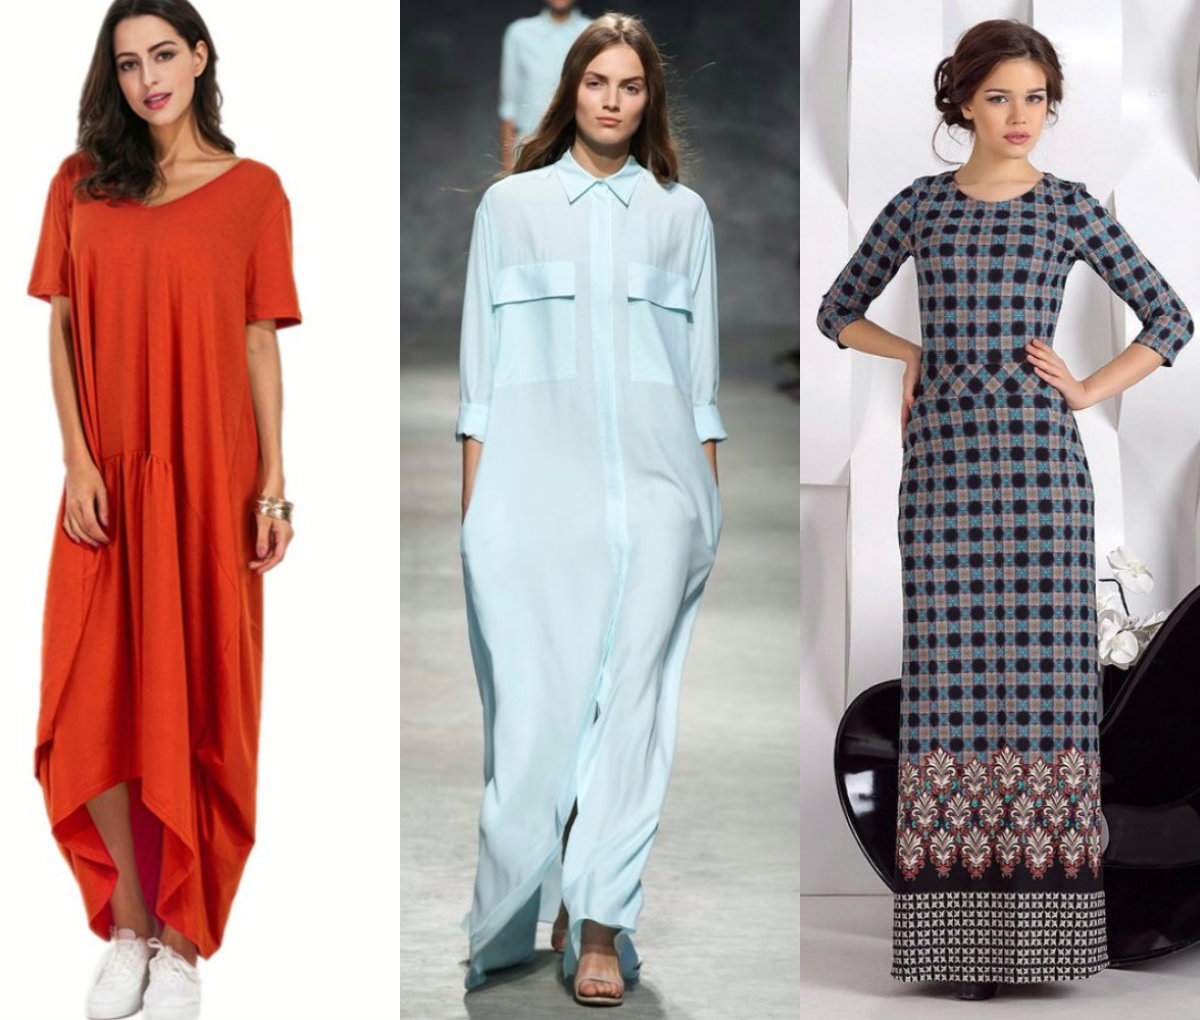 модные тенденции платьев 2018: мадели макси